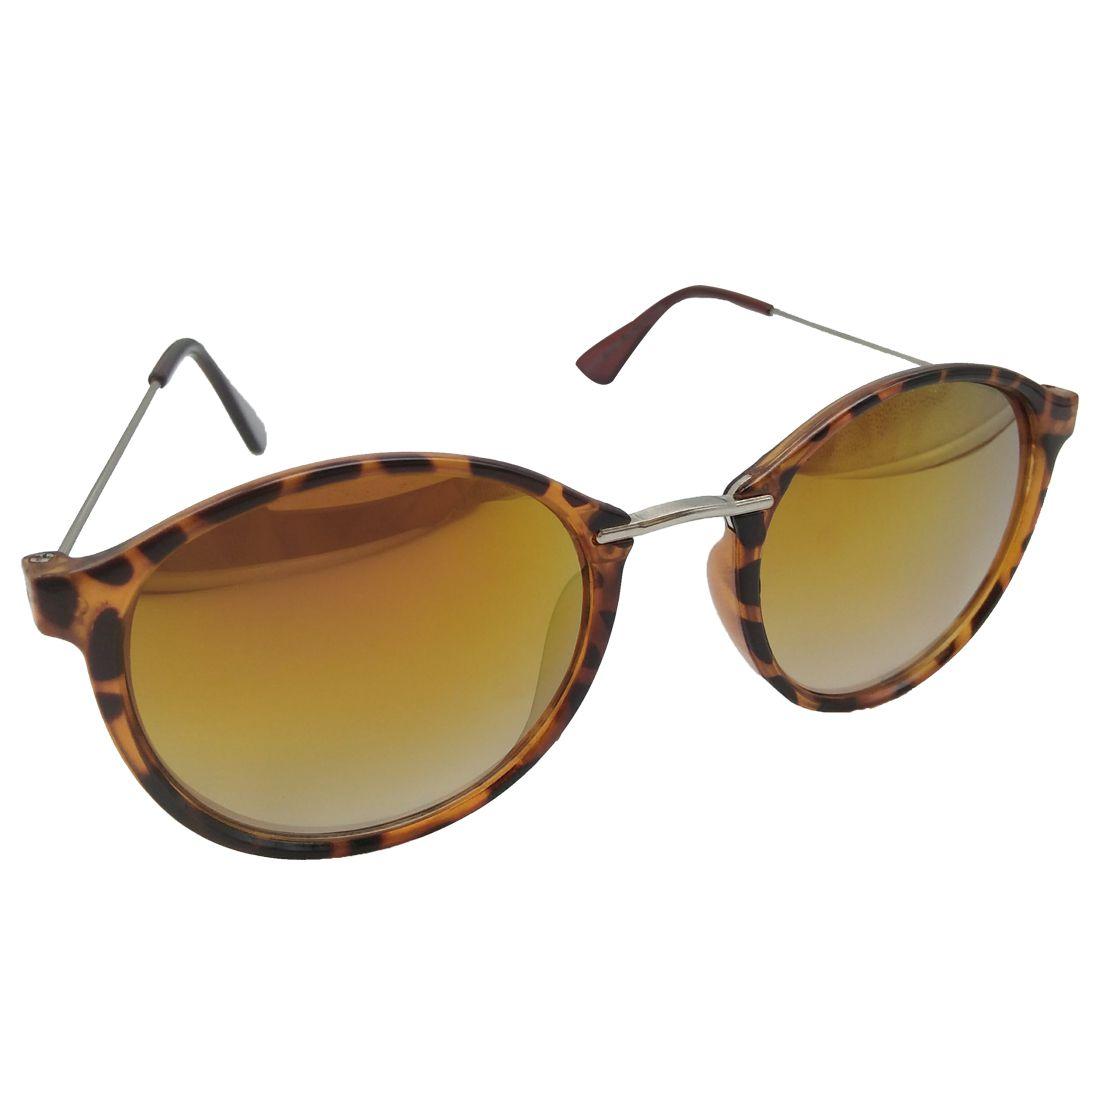 MWAYS Yellow Round Sunglasses ( 180528 )